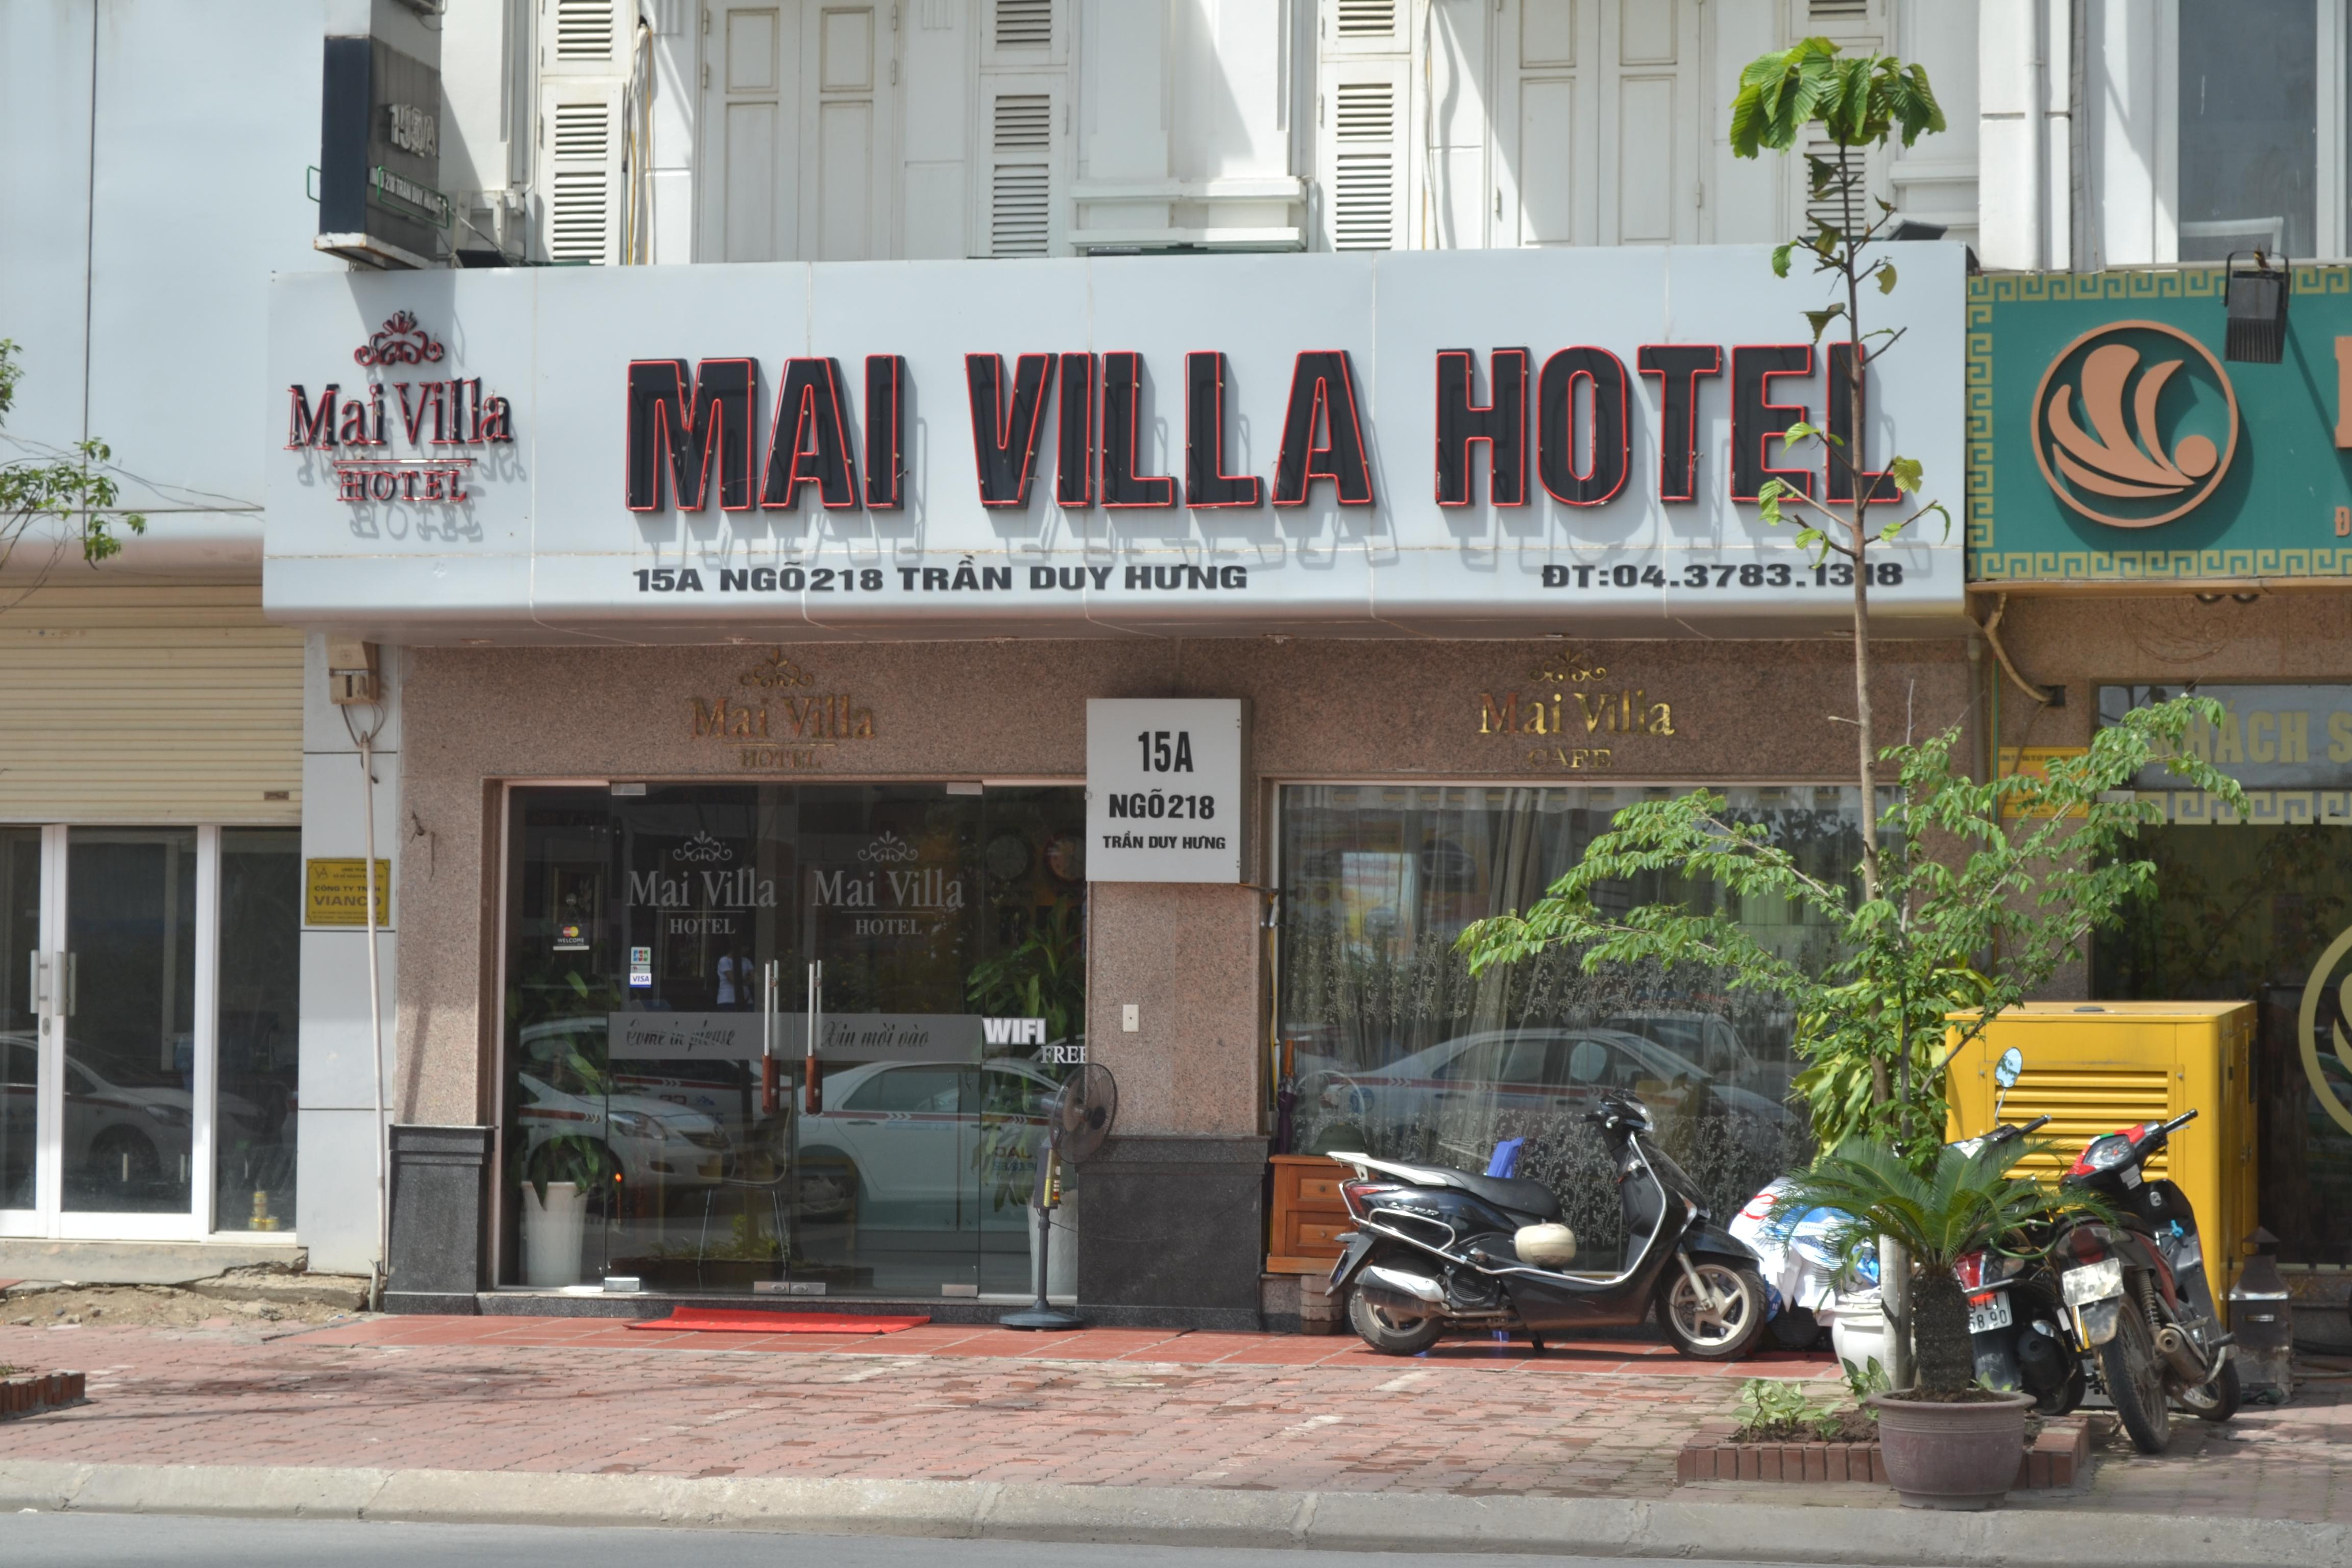 Mai Villa Hotel 1 - Tran Duy Hung